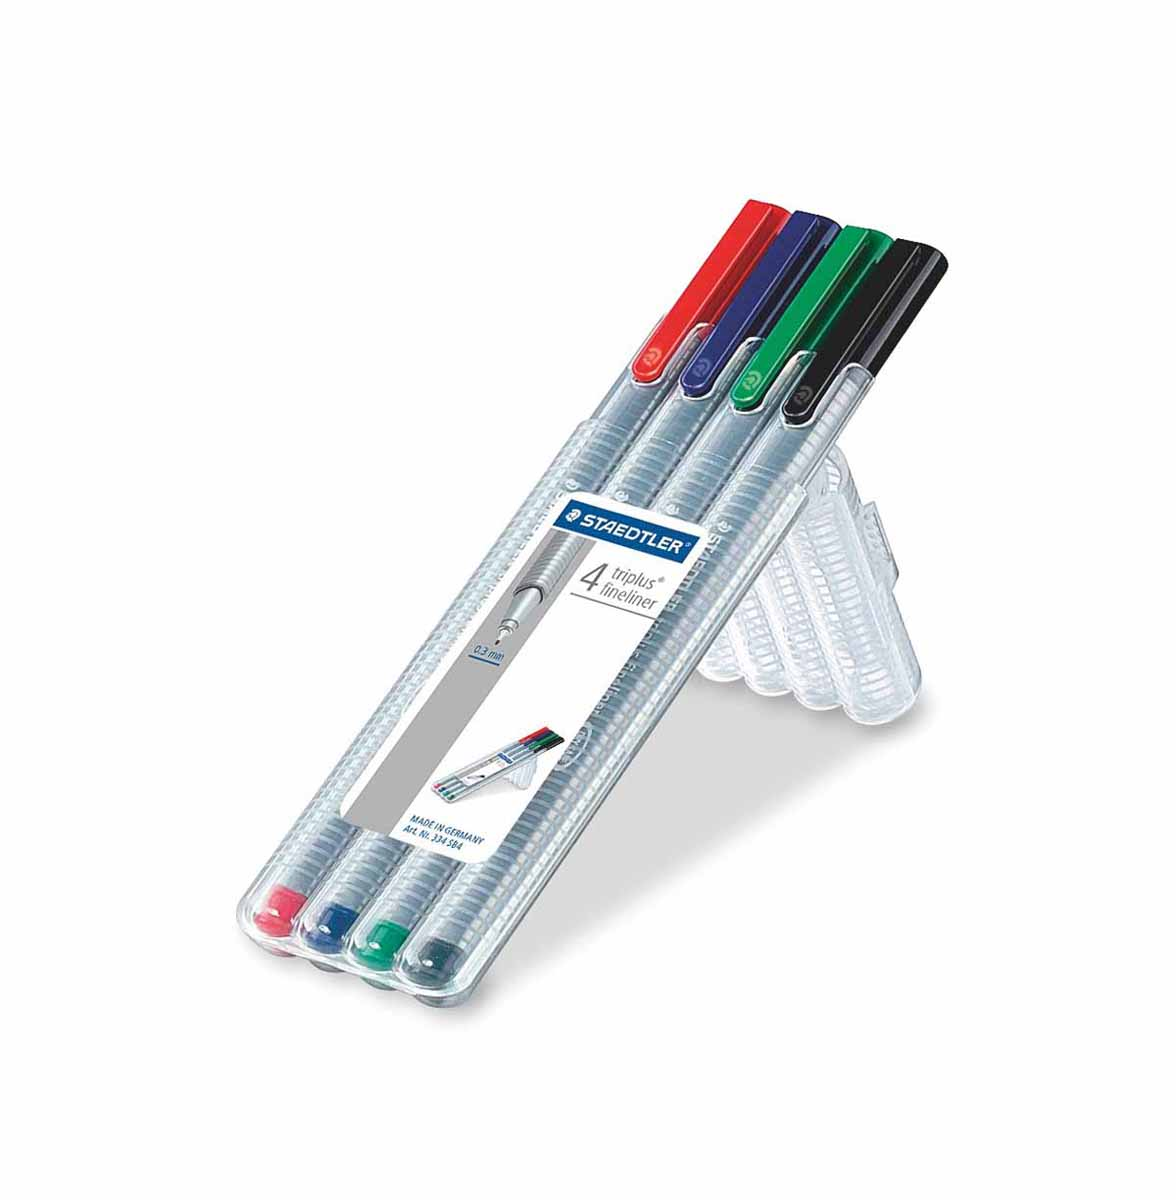 Staedtler Набор капиллярных ручек Triplus 4 цветаC13S041944Набор капиллярных ручек Staedtler Triplus идеально подходит для особо легкого и мягкого письма, рисования и черчения. Высокое качество износостойкого пишущего наконечника и большой запас чернил значительно увеличивают срок службы ручки. В набор входят 4 разноцветные капиллярные ручки.